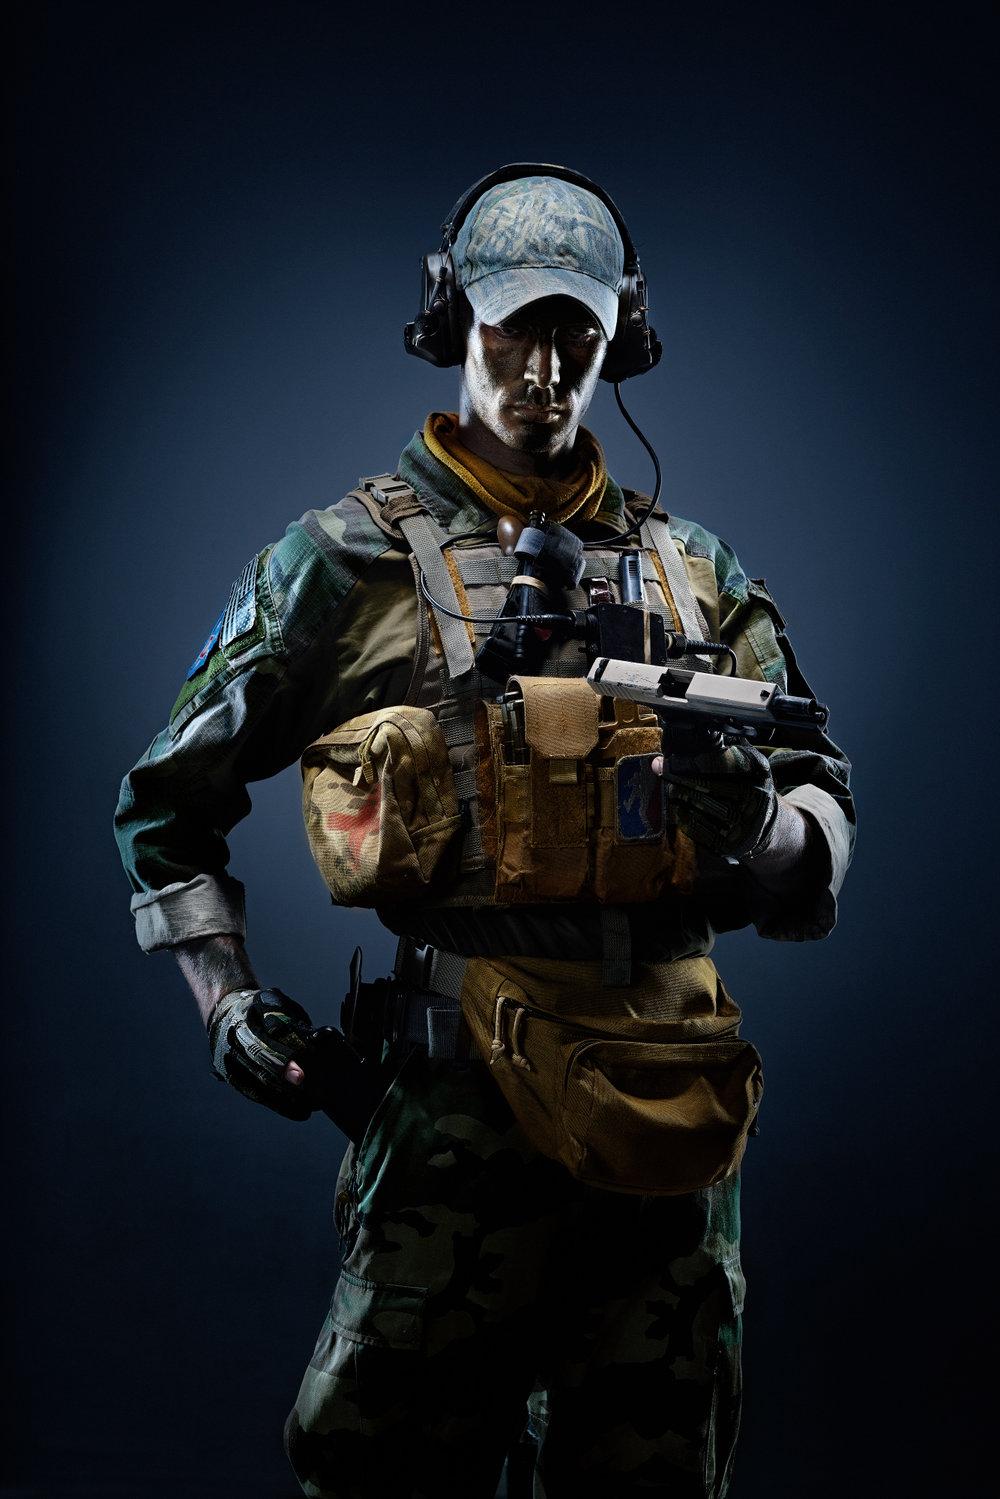 Soldier_0044.jpg